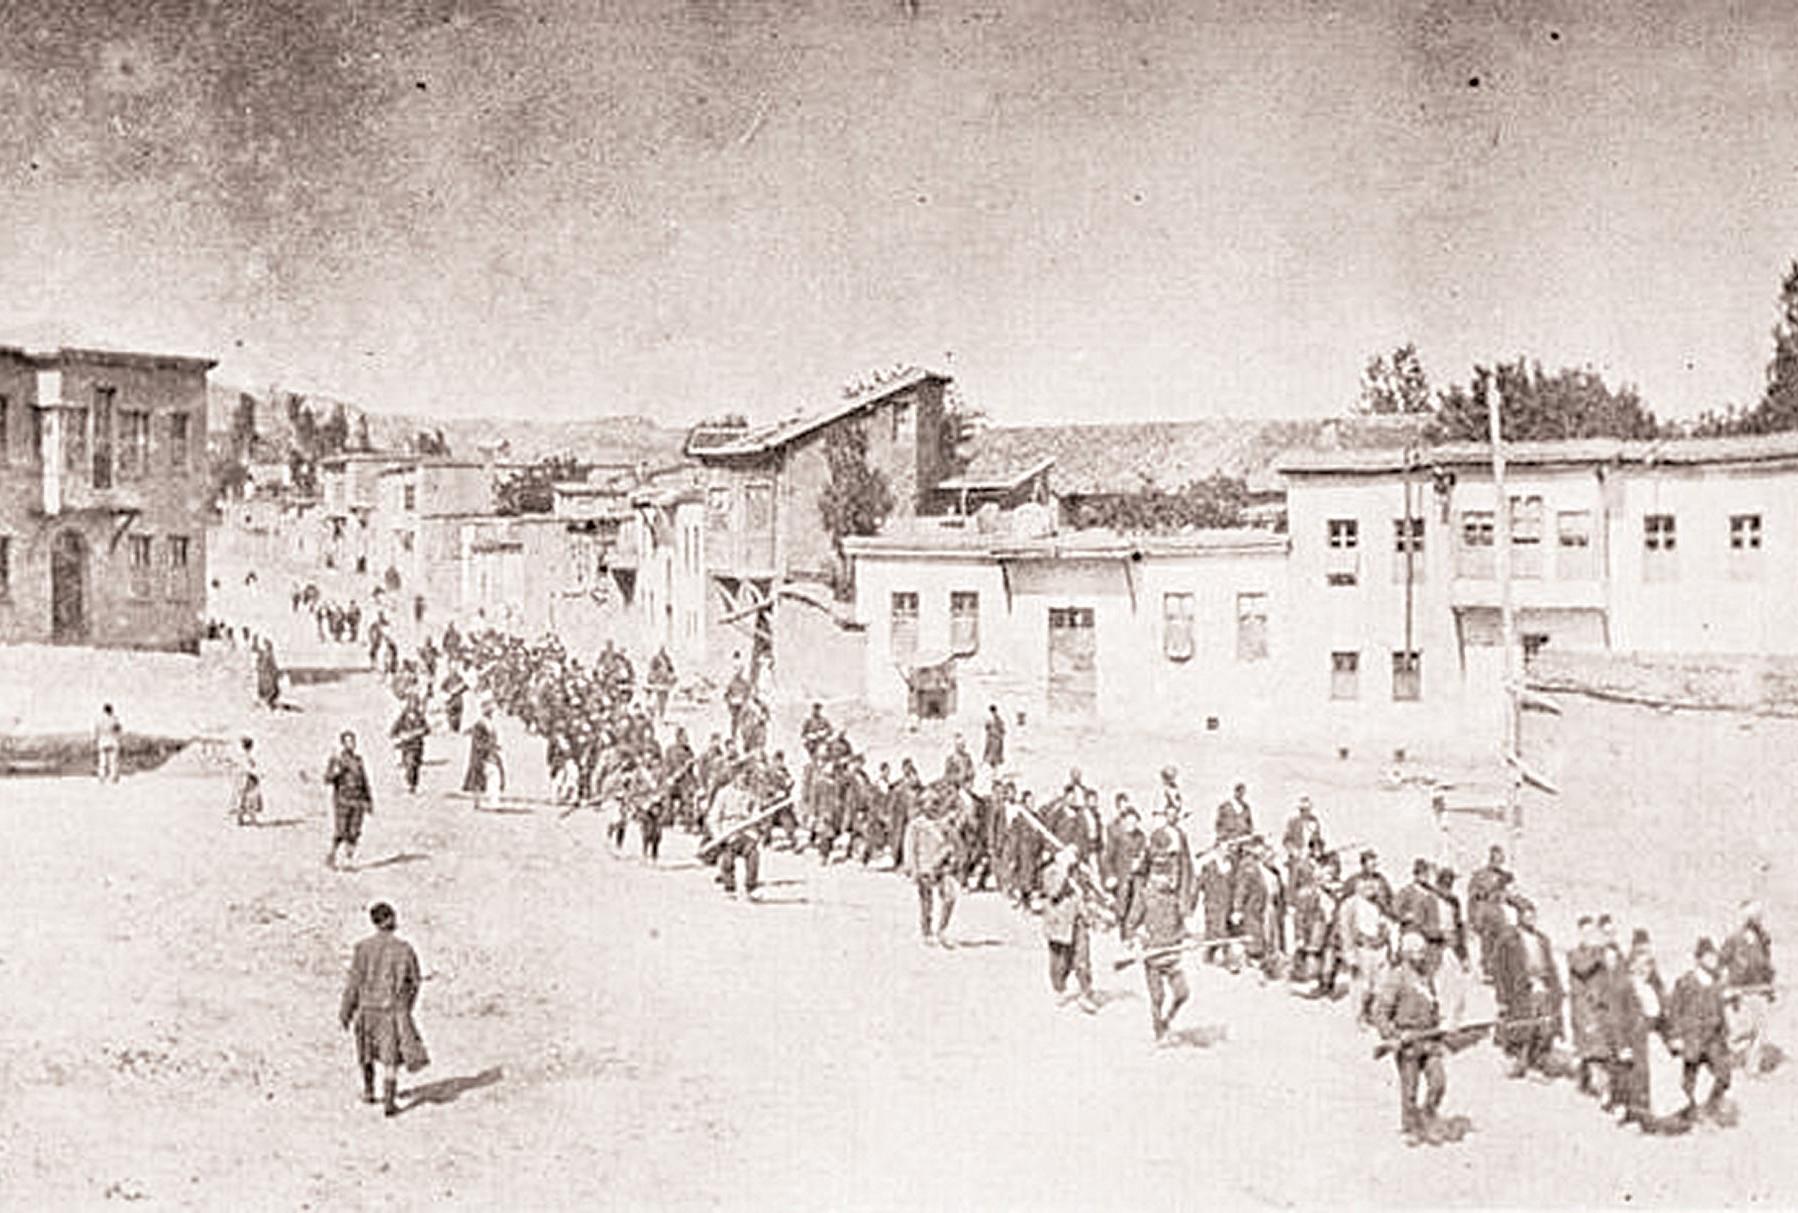 Γενοκτονία Αρμενίων: Η φρικιαστική εξόντωση ενός λαού που η Τουρκία θέλει να ξεχάσουμε (Φωτογραφίες)